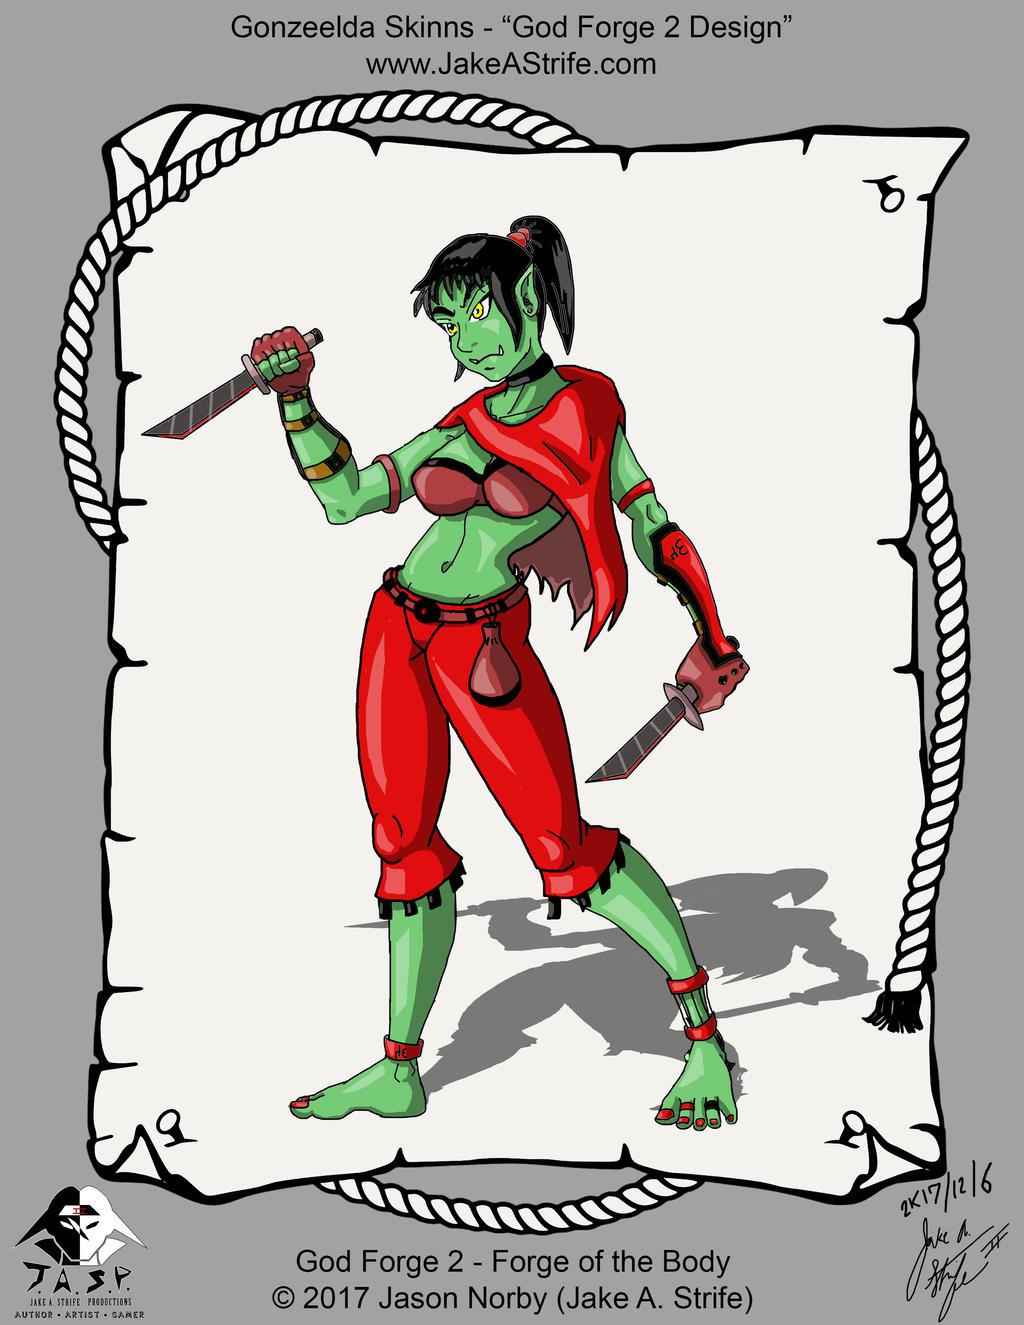 Gonzeelda - 2K17-12-06 - Digital (GF2 Design) by JakeAStrife